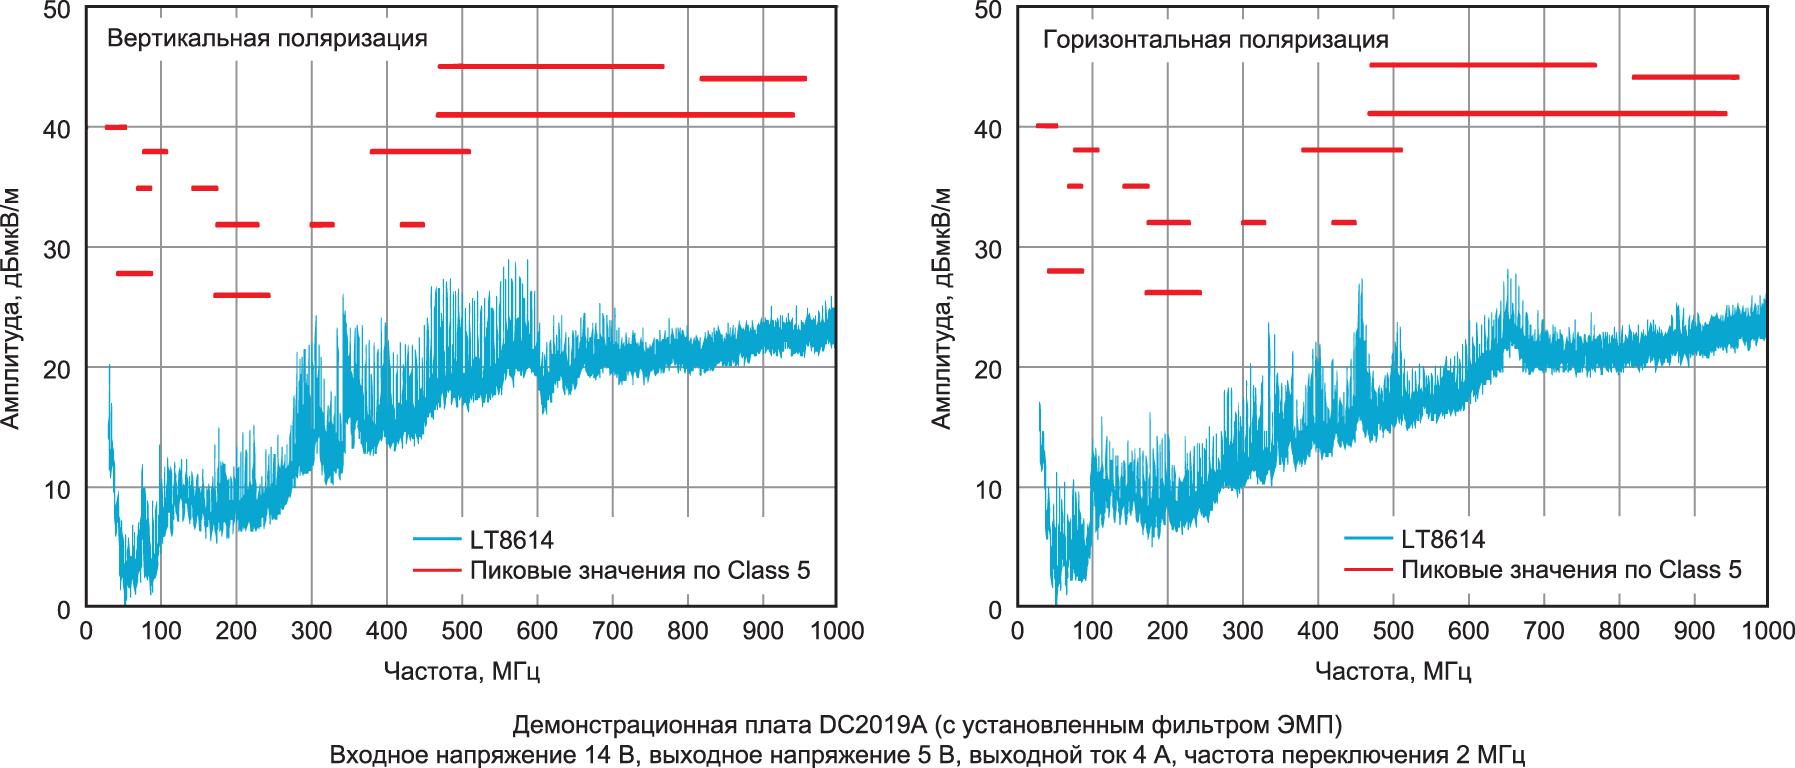 Уровень излучаемых электромагнитных помех LT8614 ниже строгих ограничений стандарта CISPR 25 Class 5